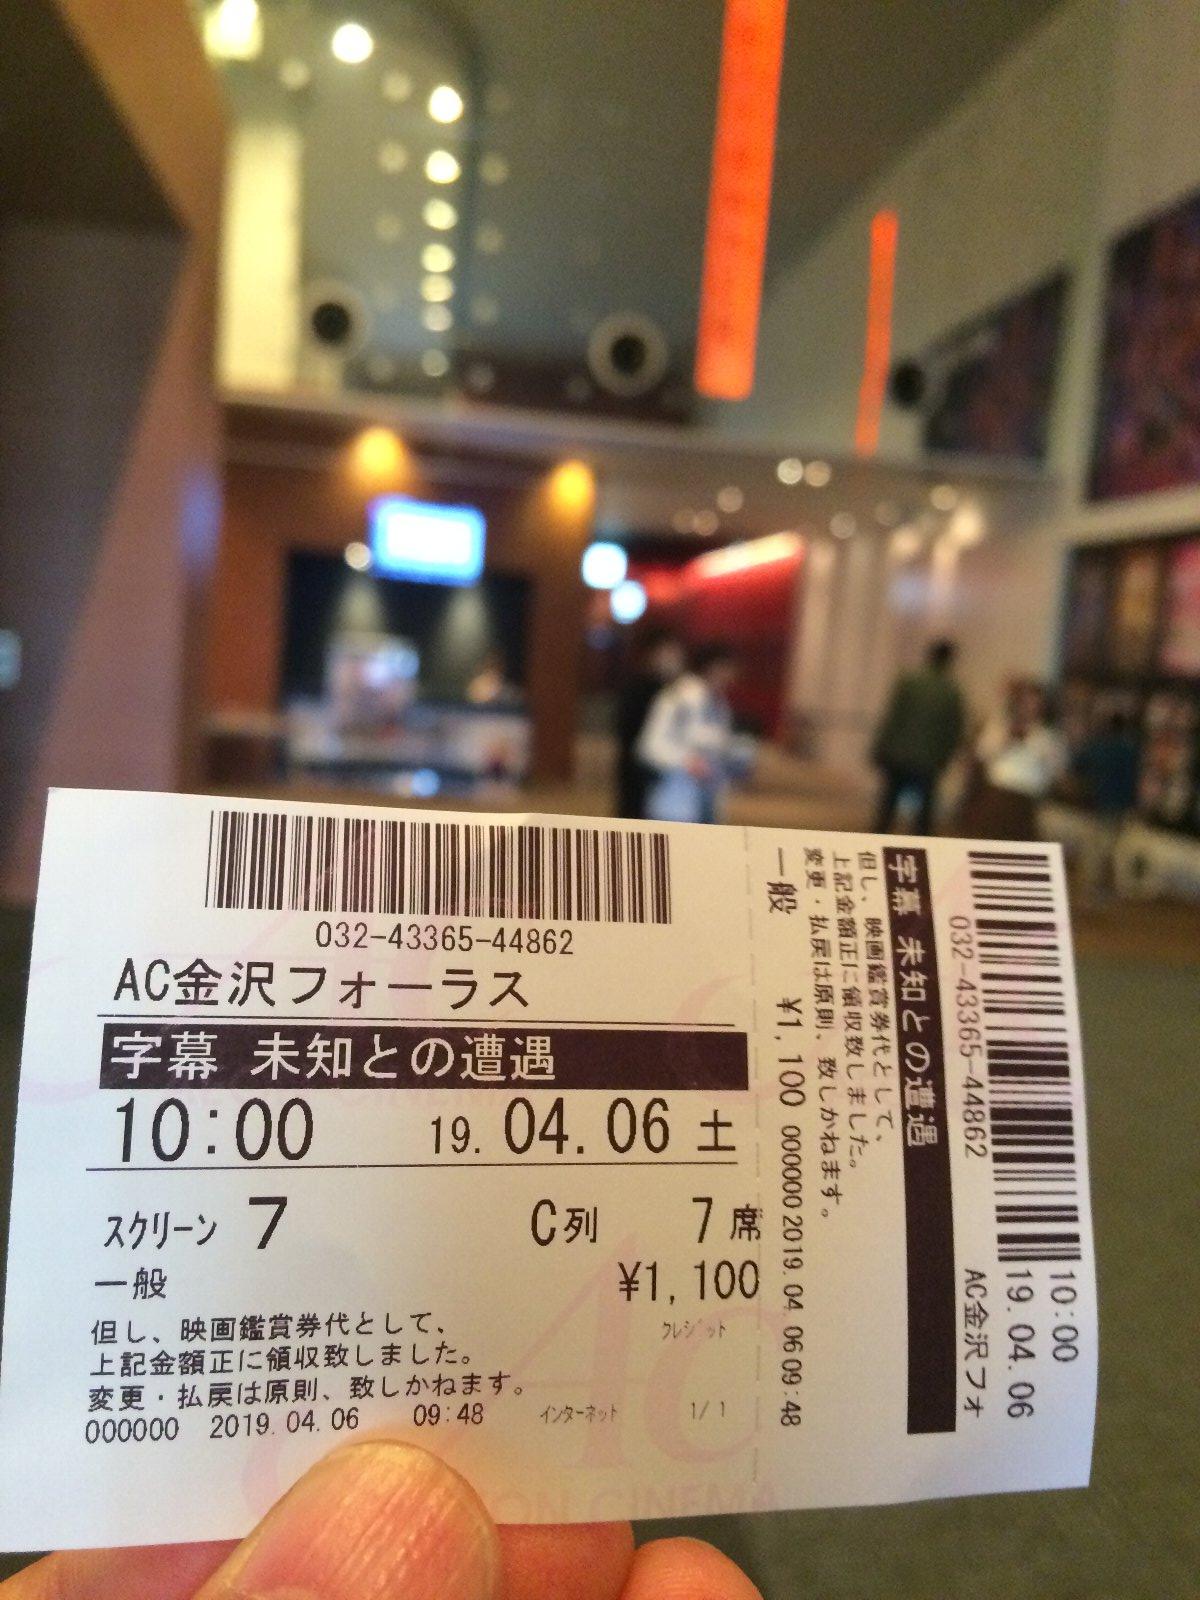 午前十時の映画祭『未知との遭遇』チケット